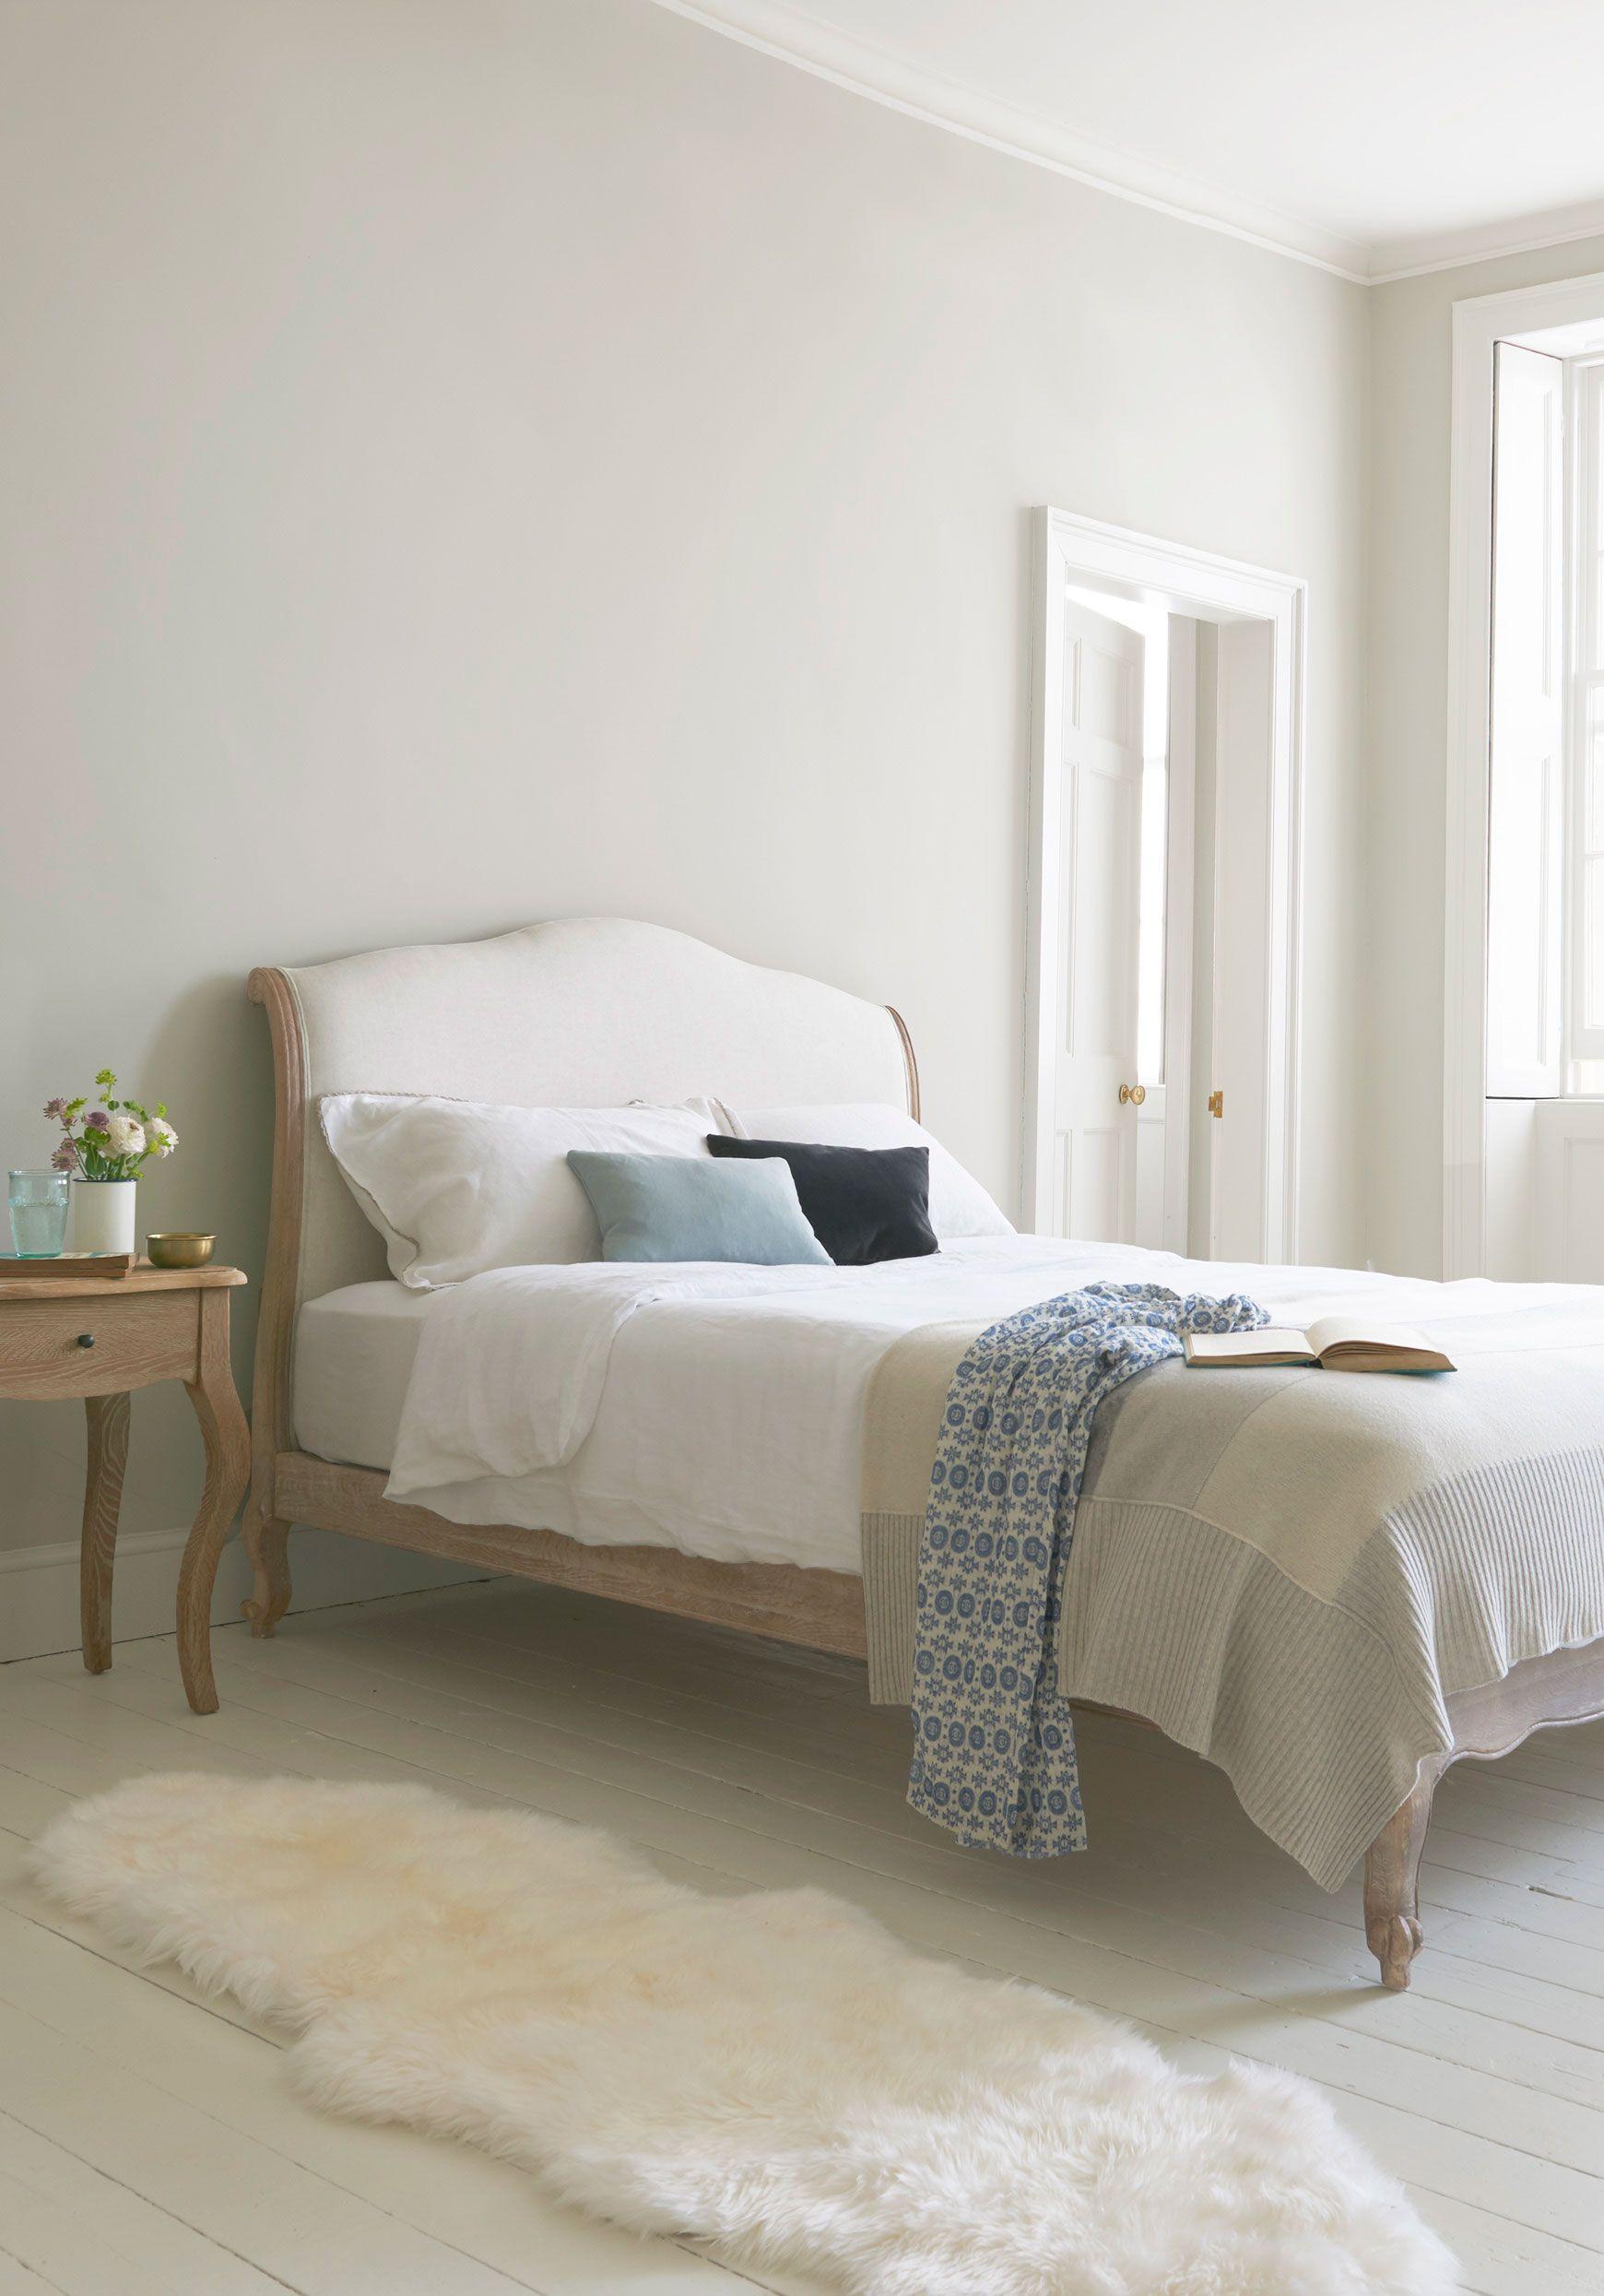 Coco Bed - House en Brocante